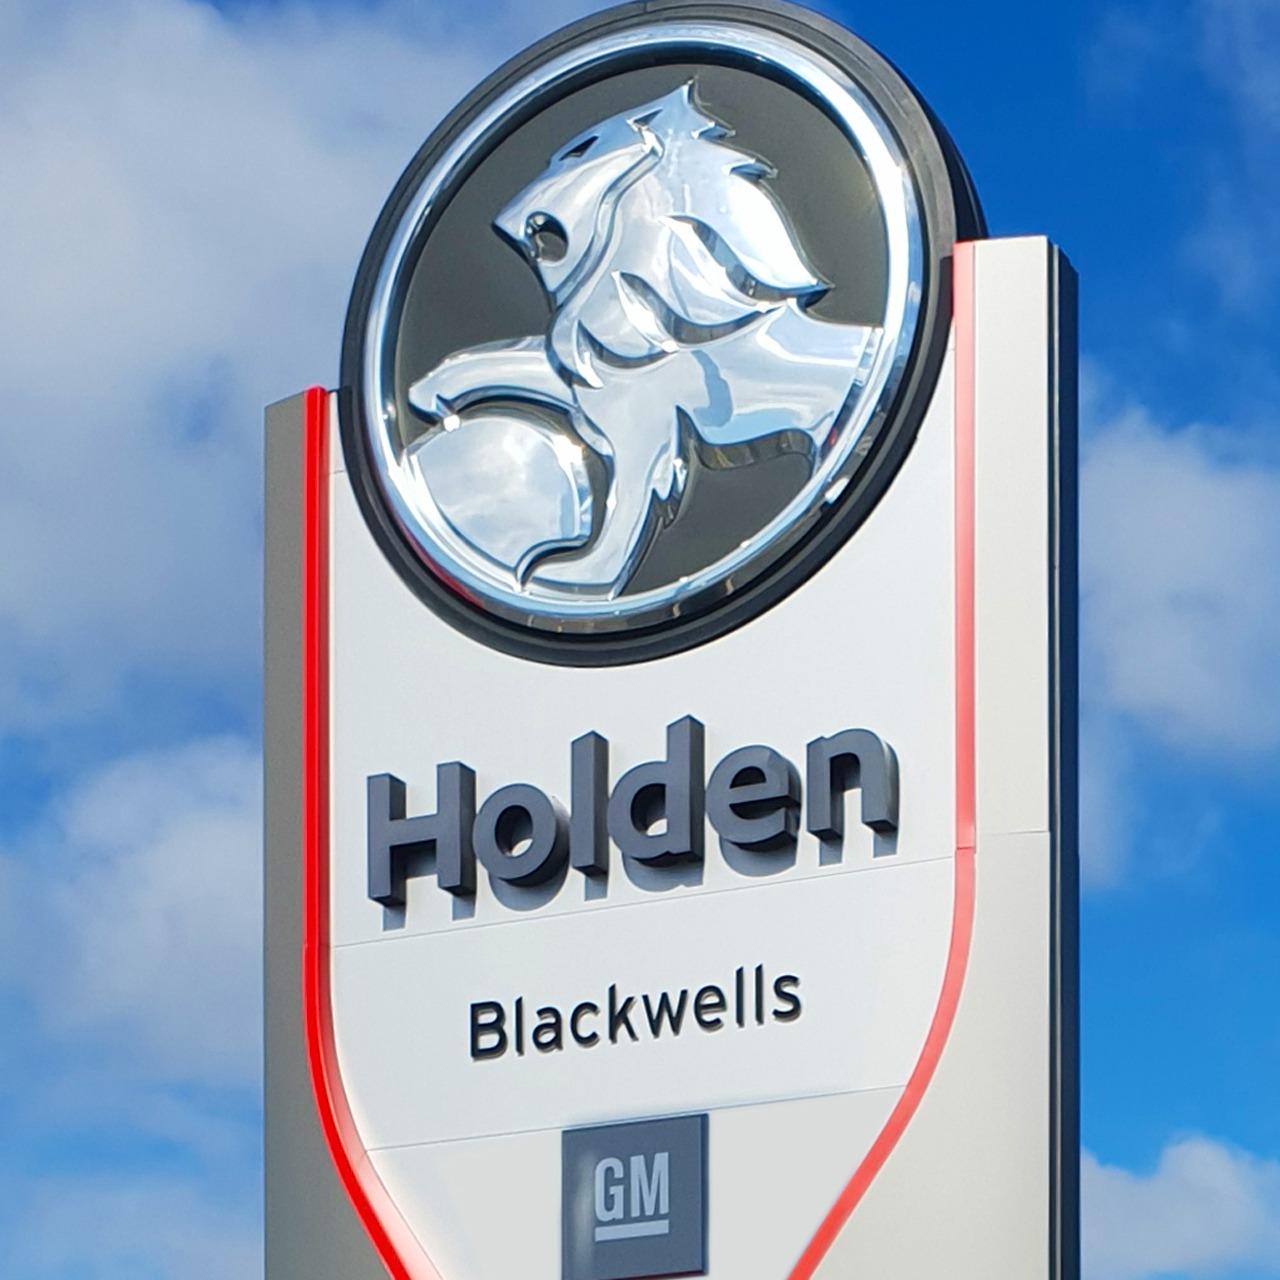 Blackwells Holden